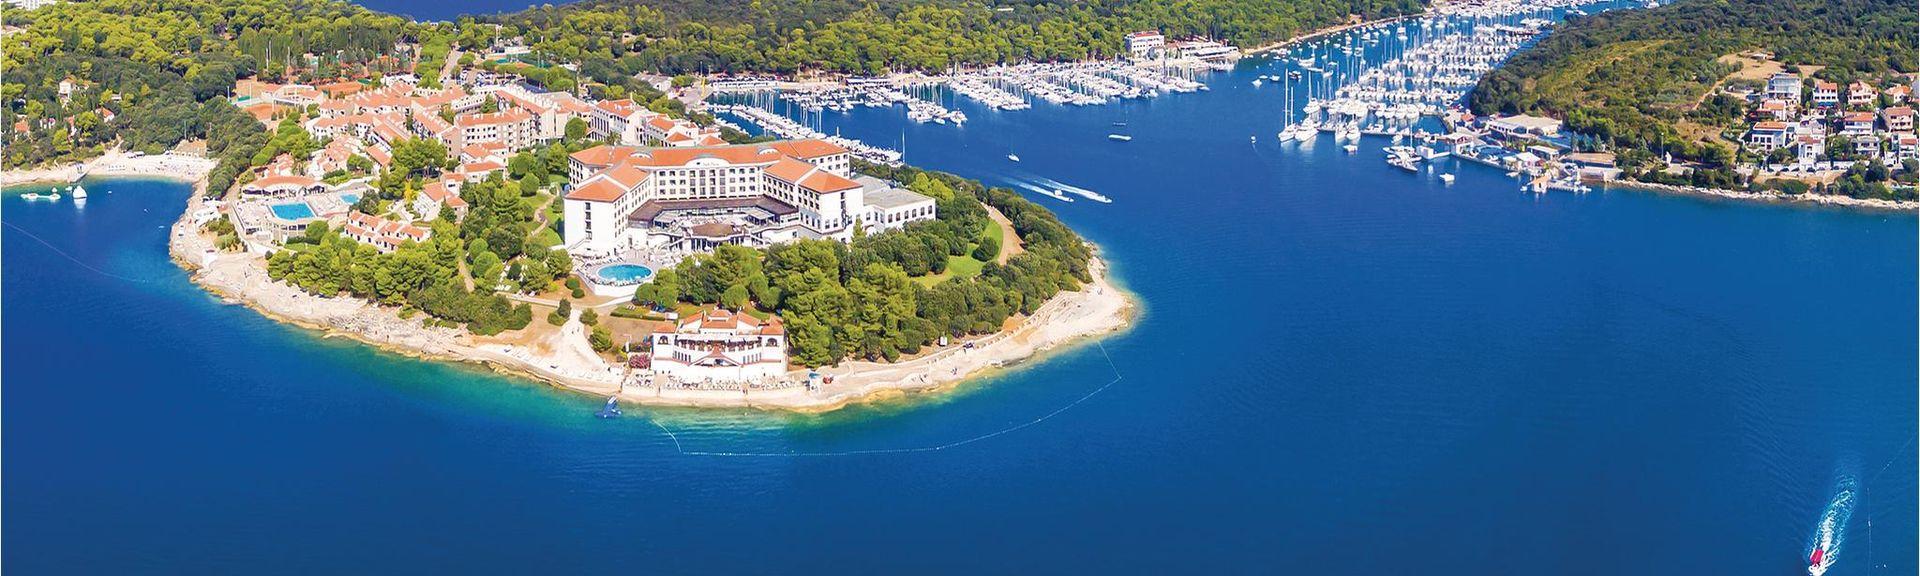 Strand von Rabac, Labin, Gespanschaft Istrien, Kroatien